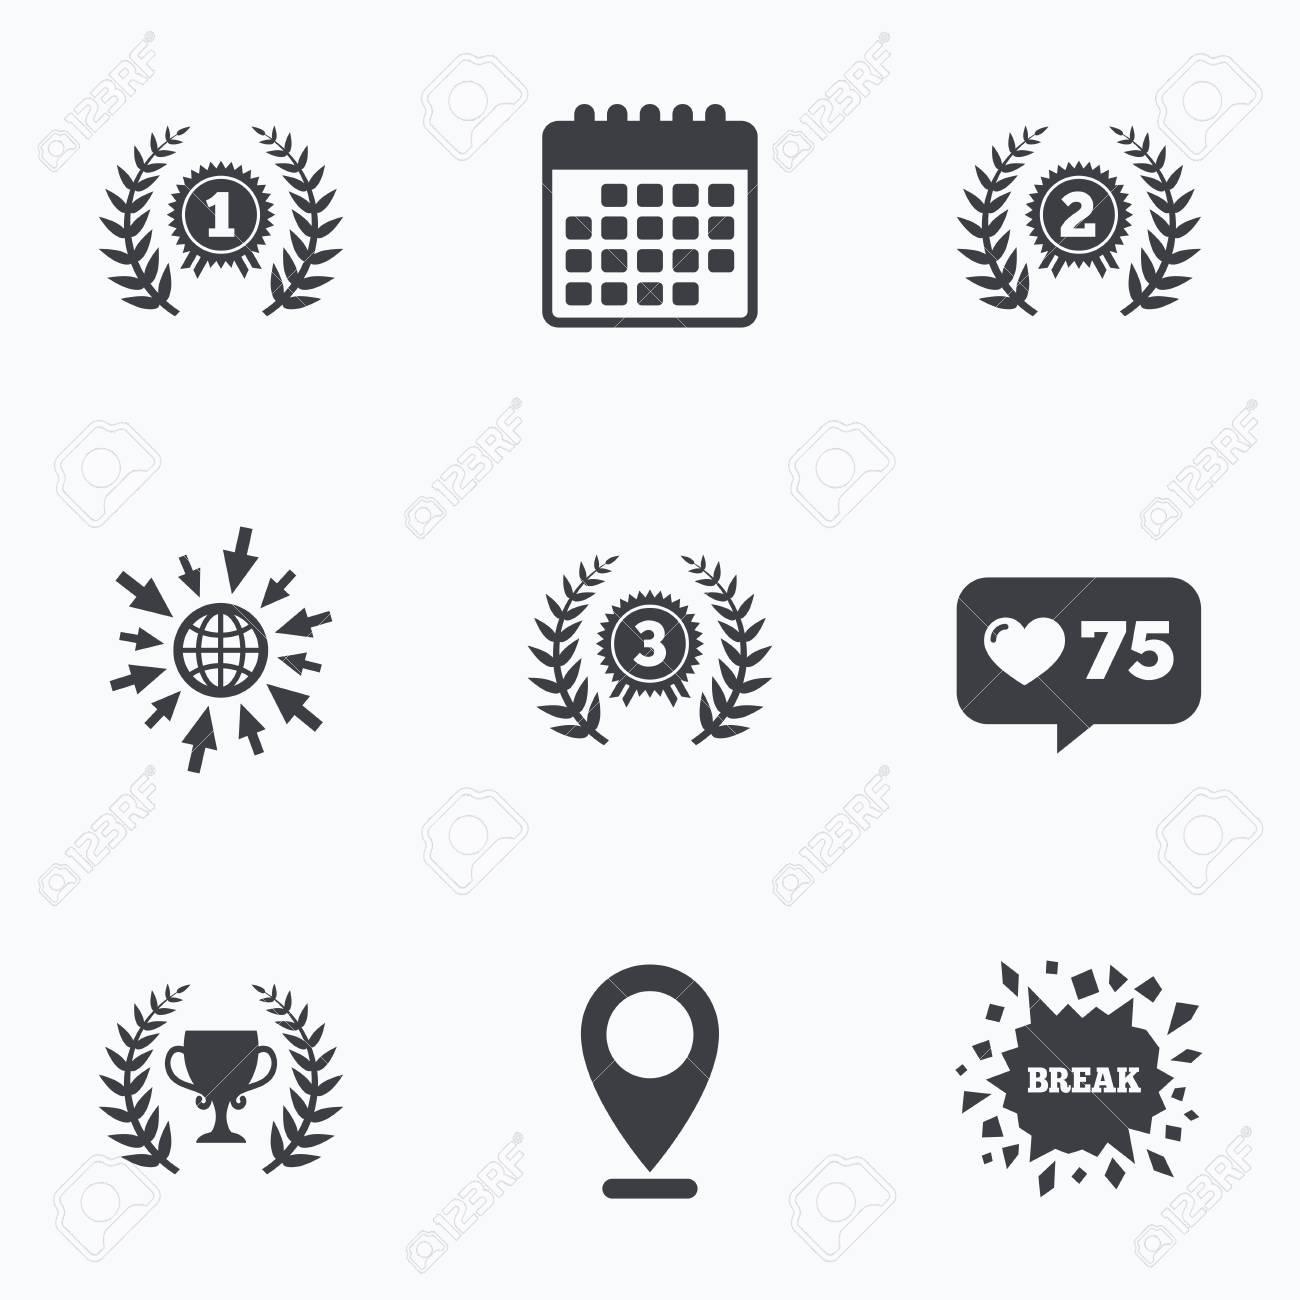 Calendrier Prix.Calendrier Comme Comptoir Et Aller A Icones Web Laurel Prix Couronne Icones Coupe Du Prix Pour Les Signes Gagnant Premiere Deuxieme Et Troisieme